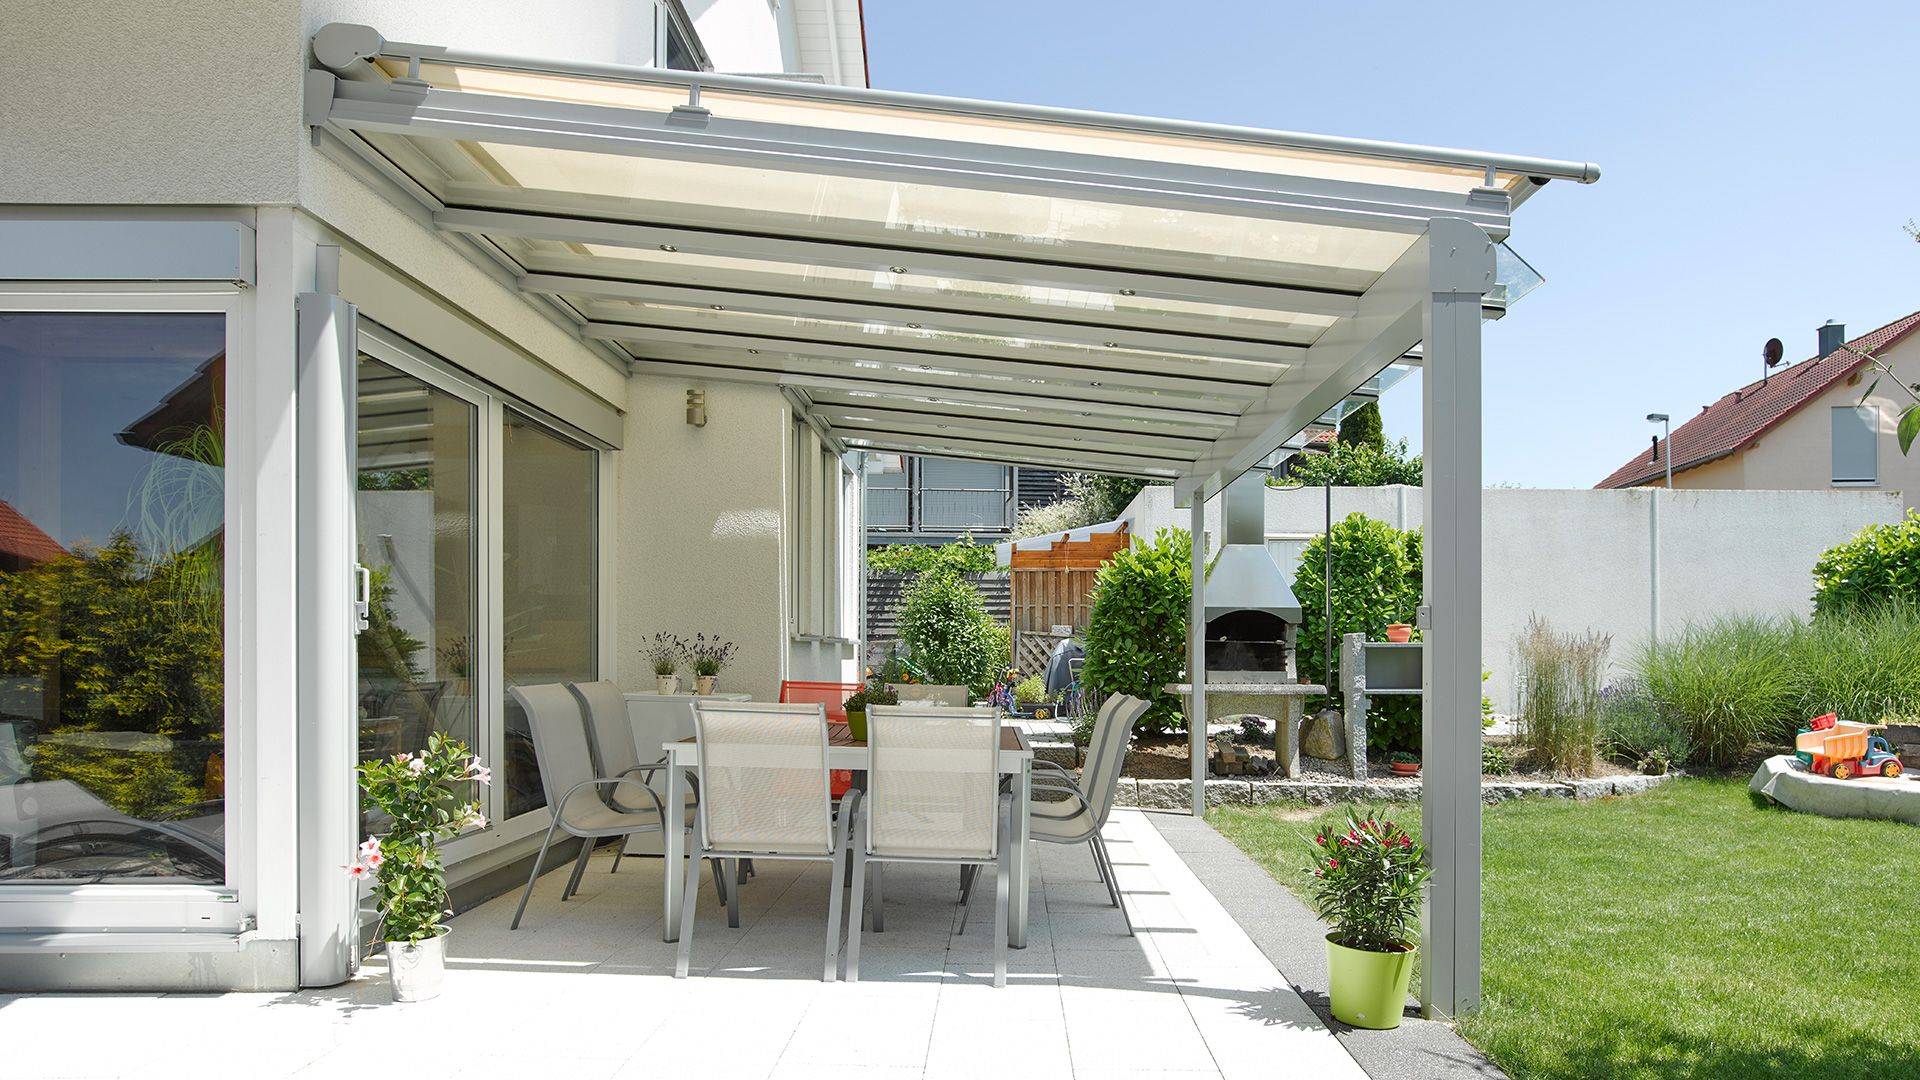 Innenarchitektur Sonnenschutzrollo Terrasse Foto Von Erstklassige Sonnenschutz-lösungen Für Balkon + Terrasse: Markisen,